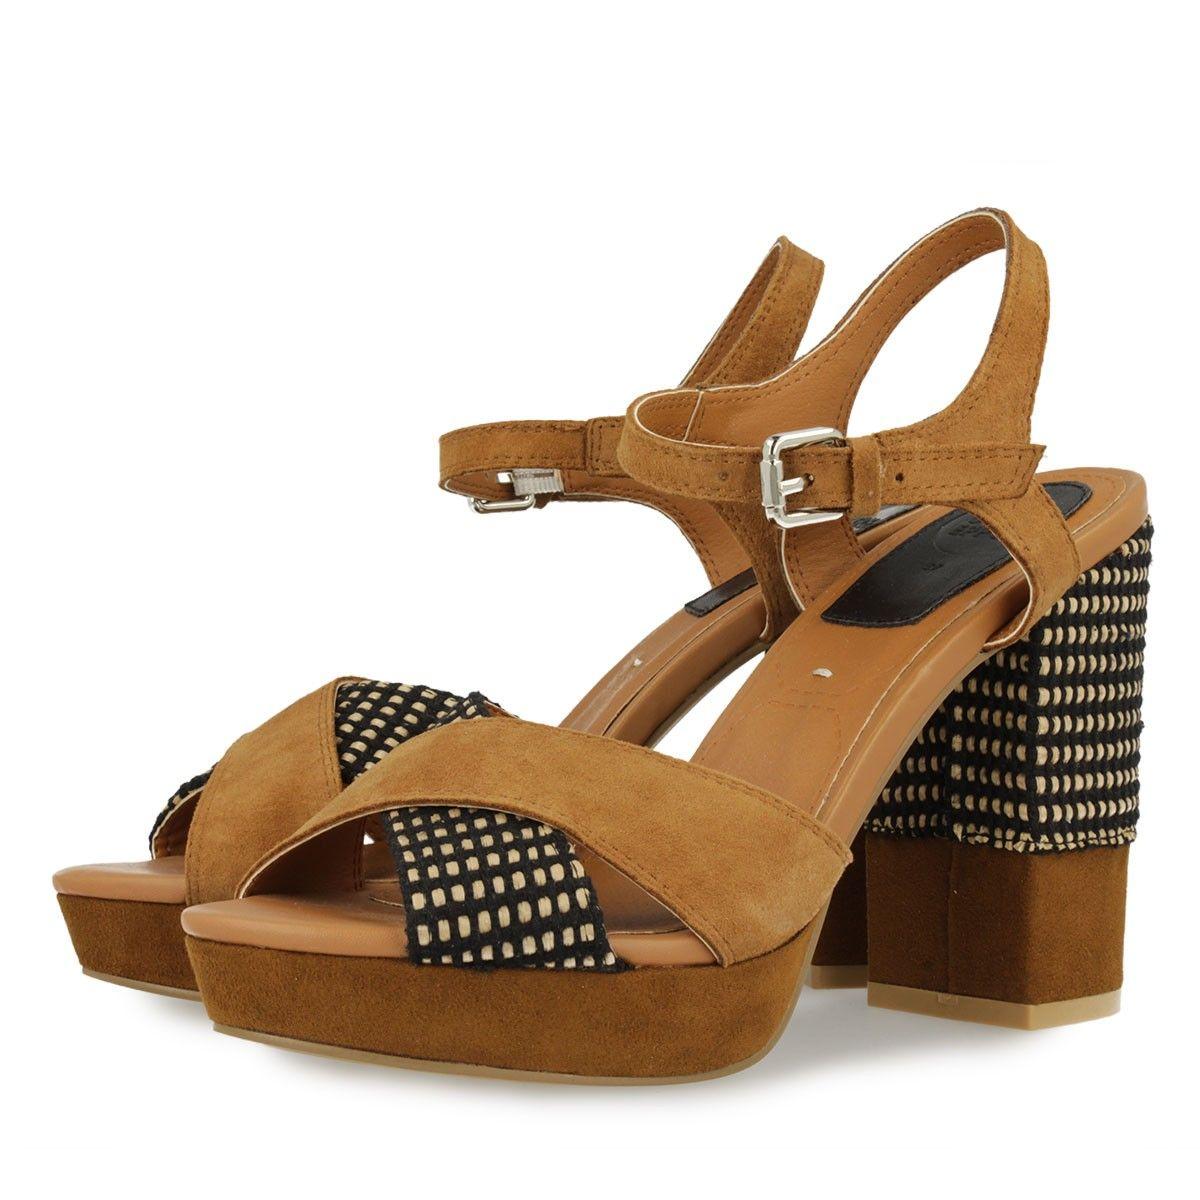 Gioseppo - Zapatillas Elsa negro -Altura cuña+suela: 6cm- dK8rCIm7J